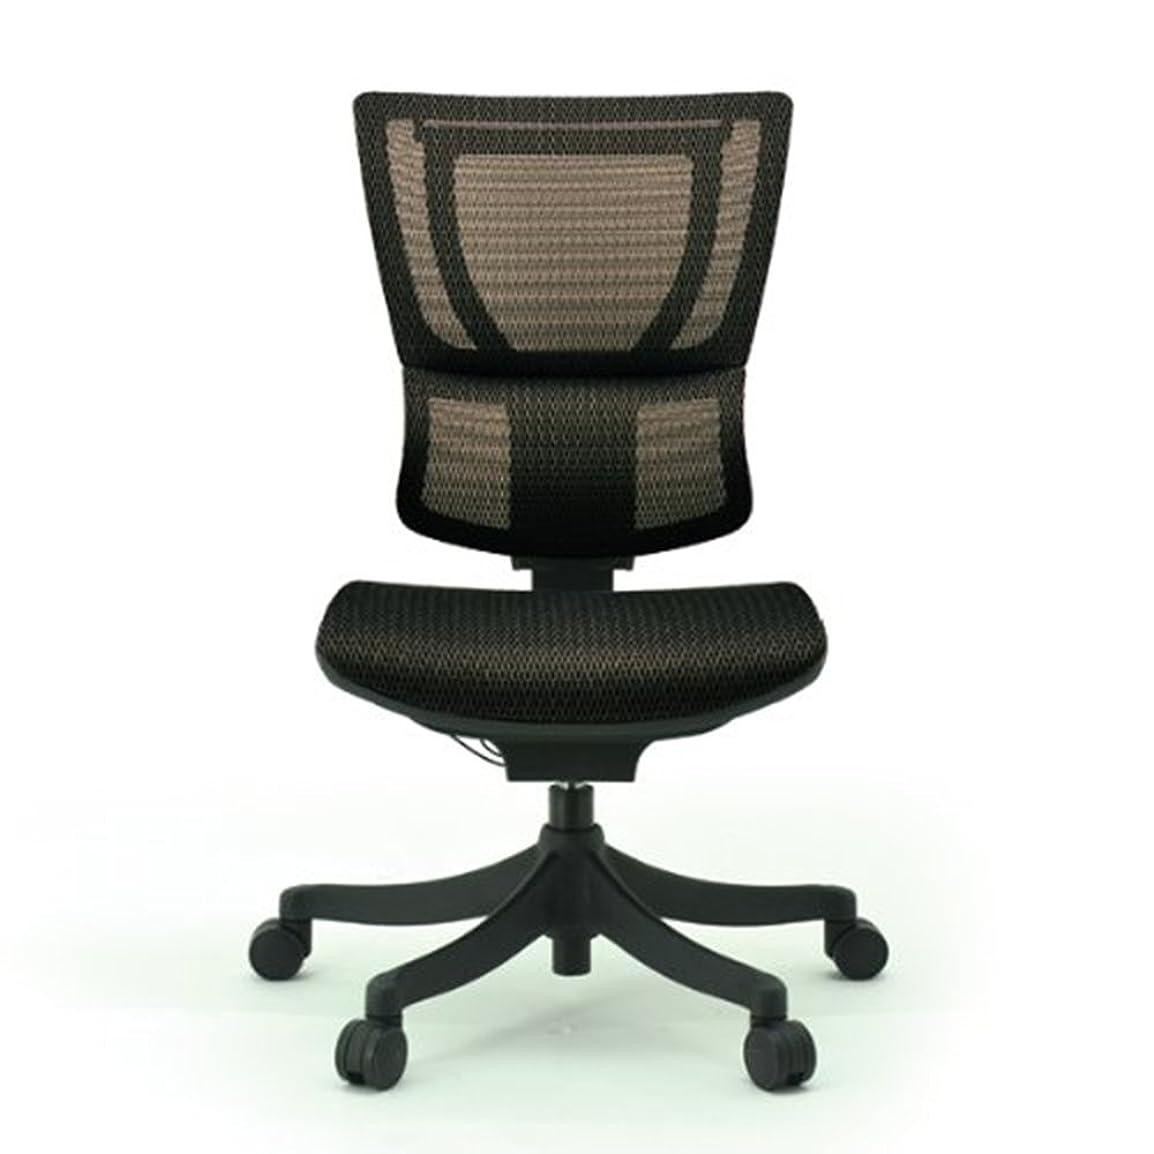 わがまま足首退屈Ergohuman オフィスチェア スマート ブラック色 (KM-11) 153333